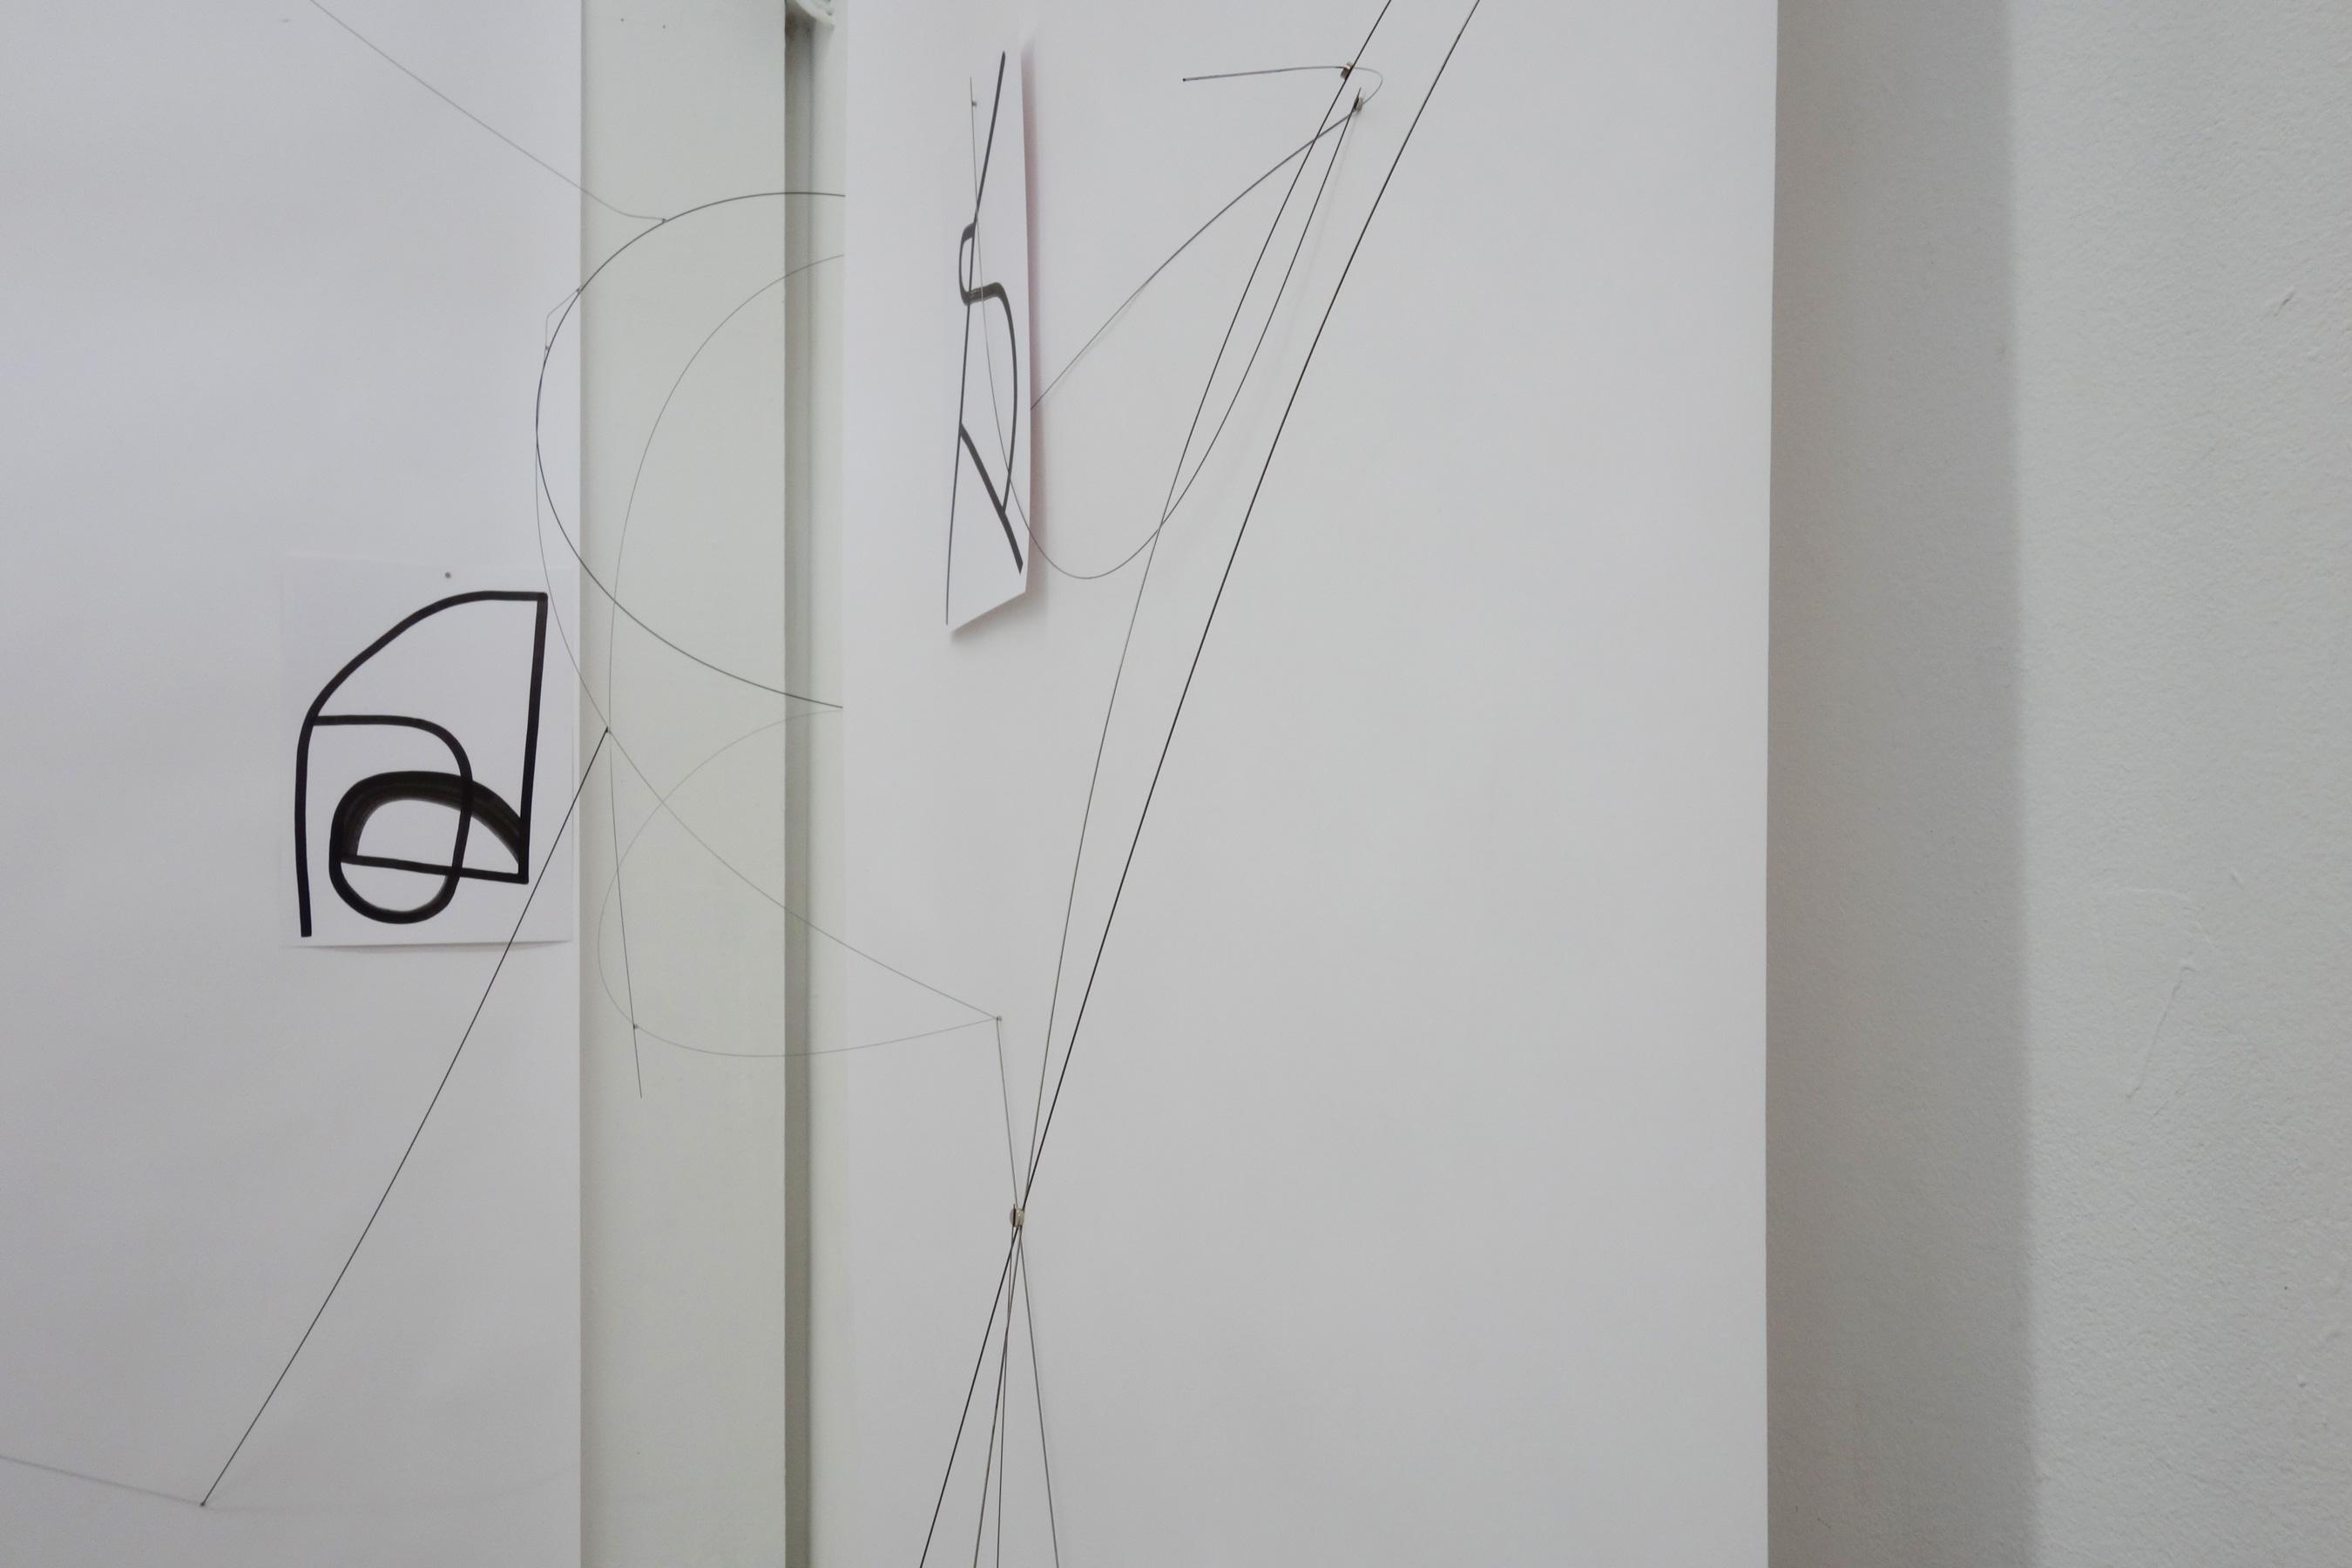 Nina Annabelle Märkl | Ink, steel and magnet drawings | installation | open studios | 2018